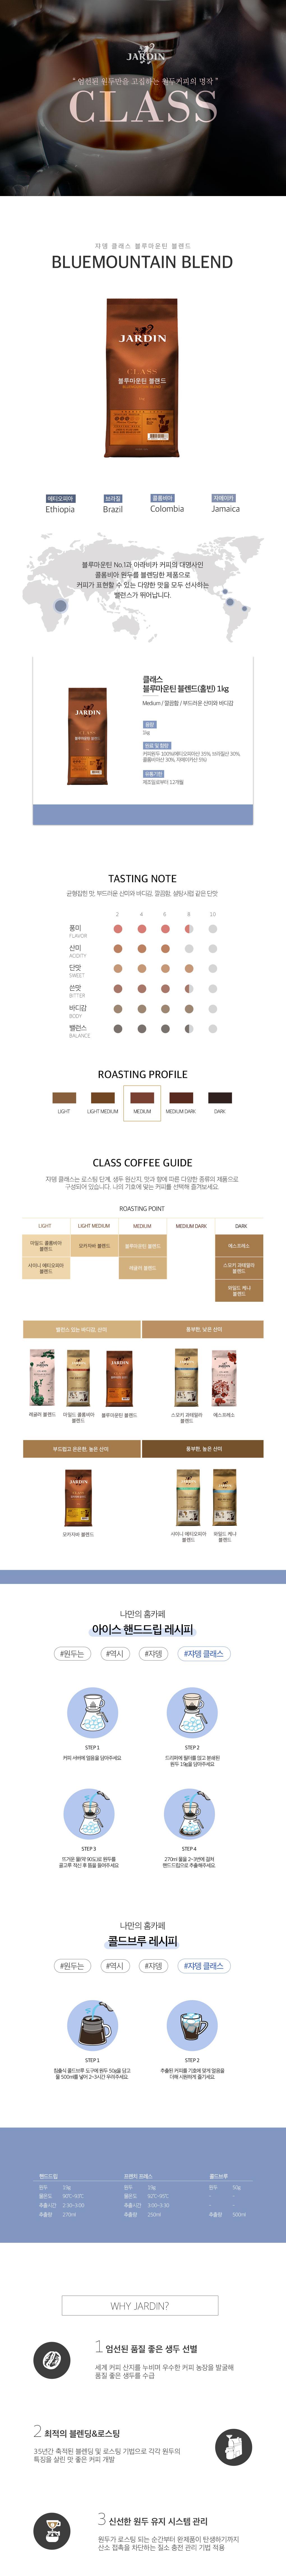 오피스히트 쟈뎅 미분쇄 커피 블루마운틴 블렌드 홀빈 1kg